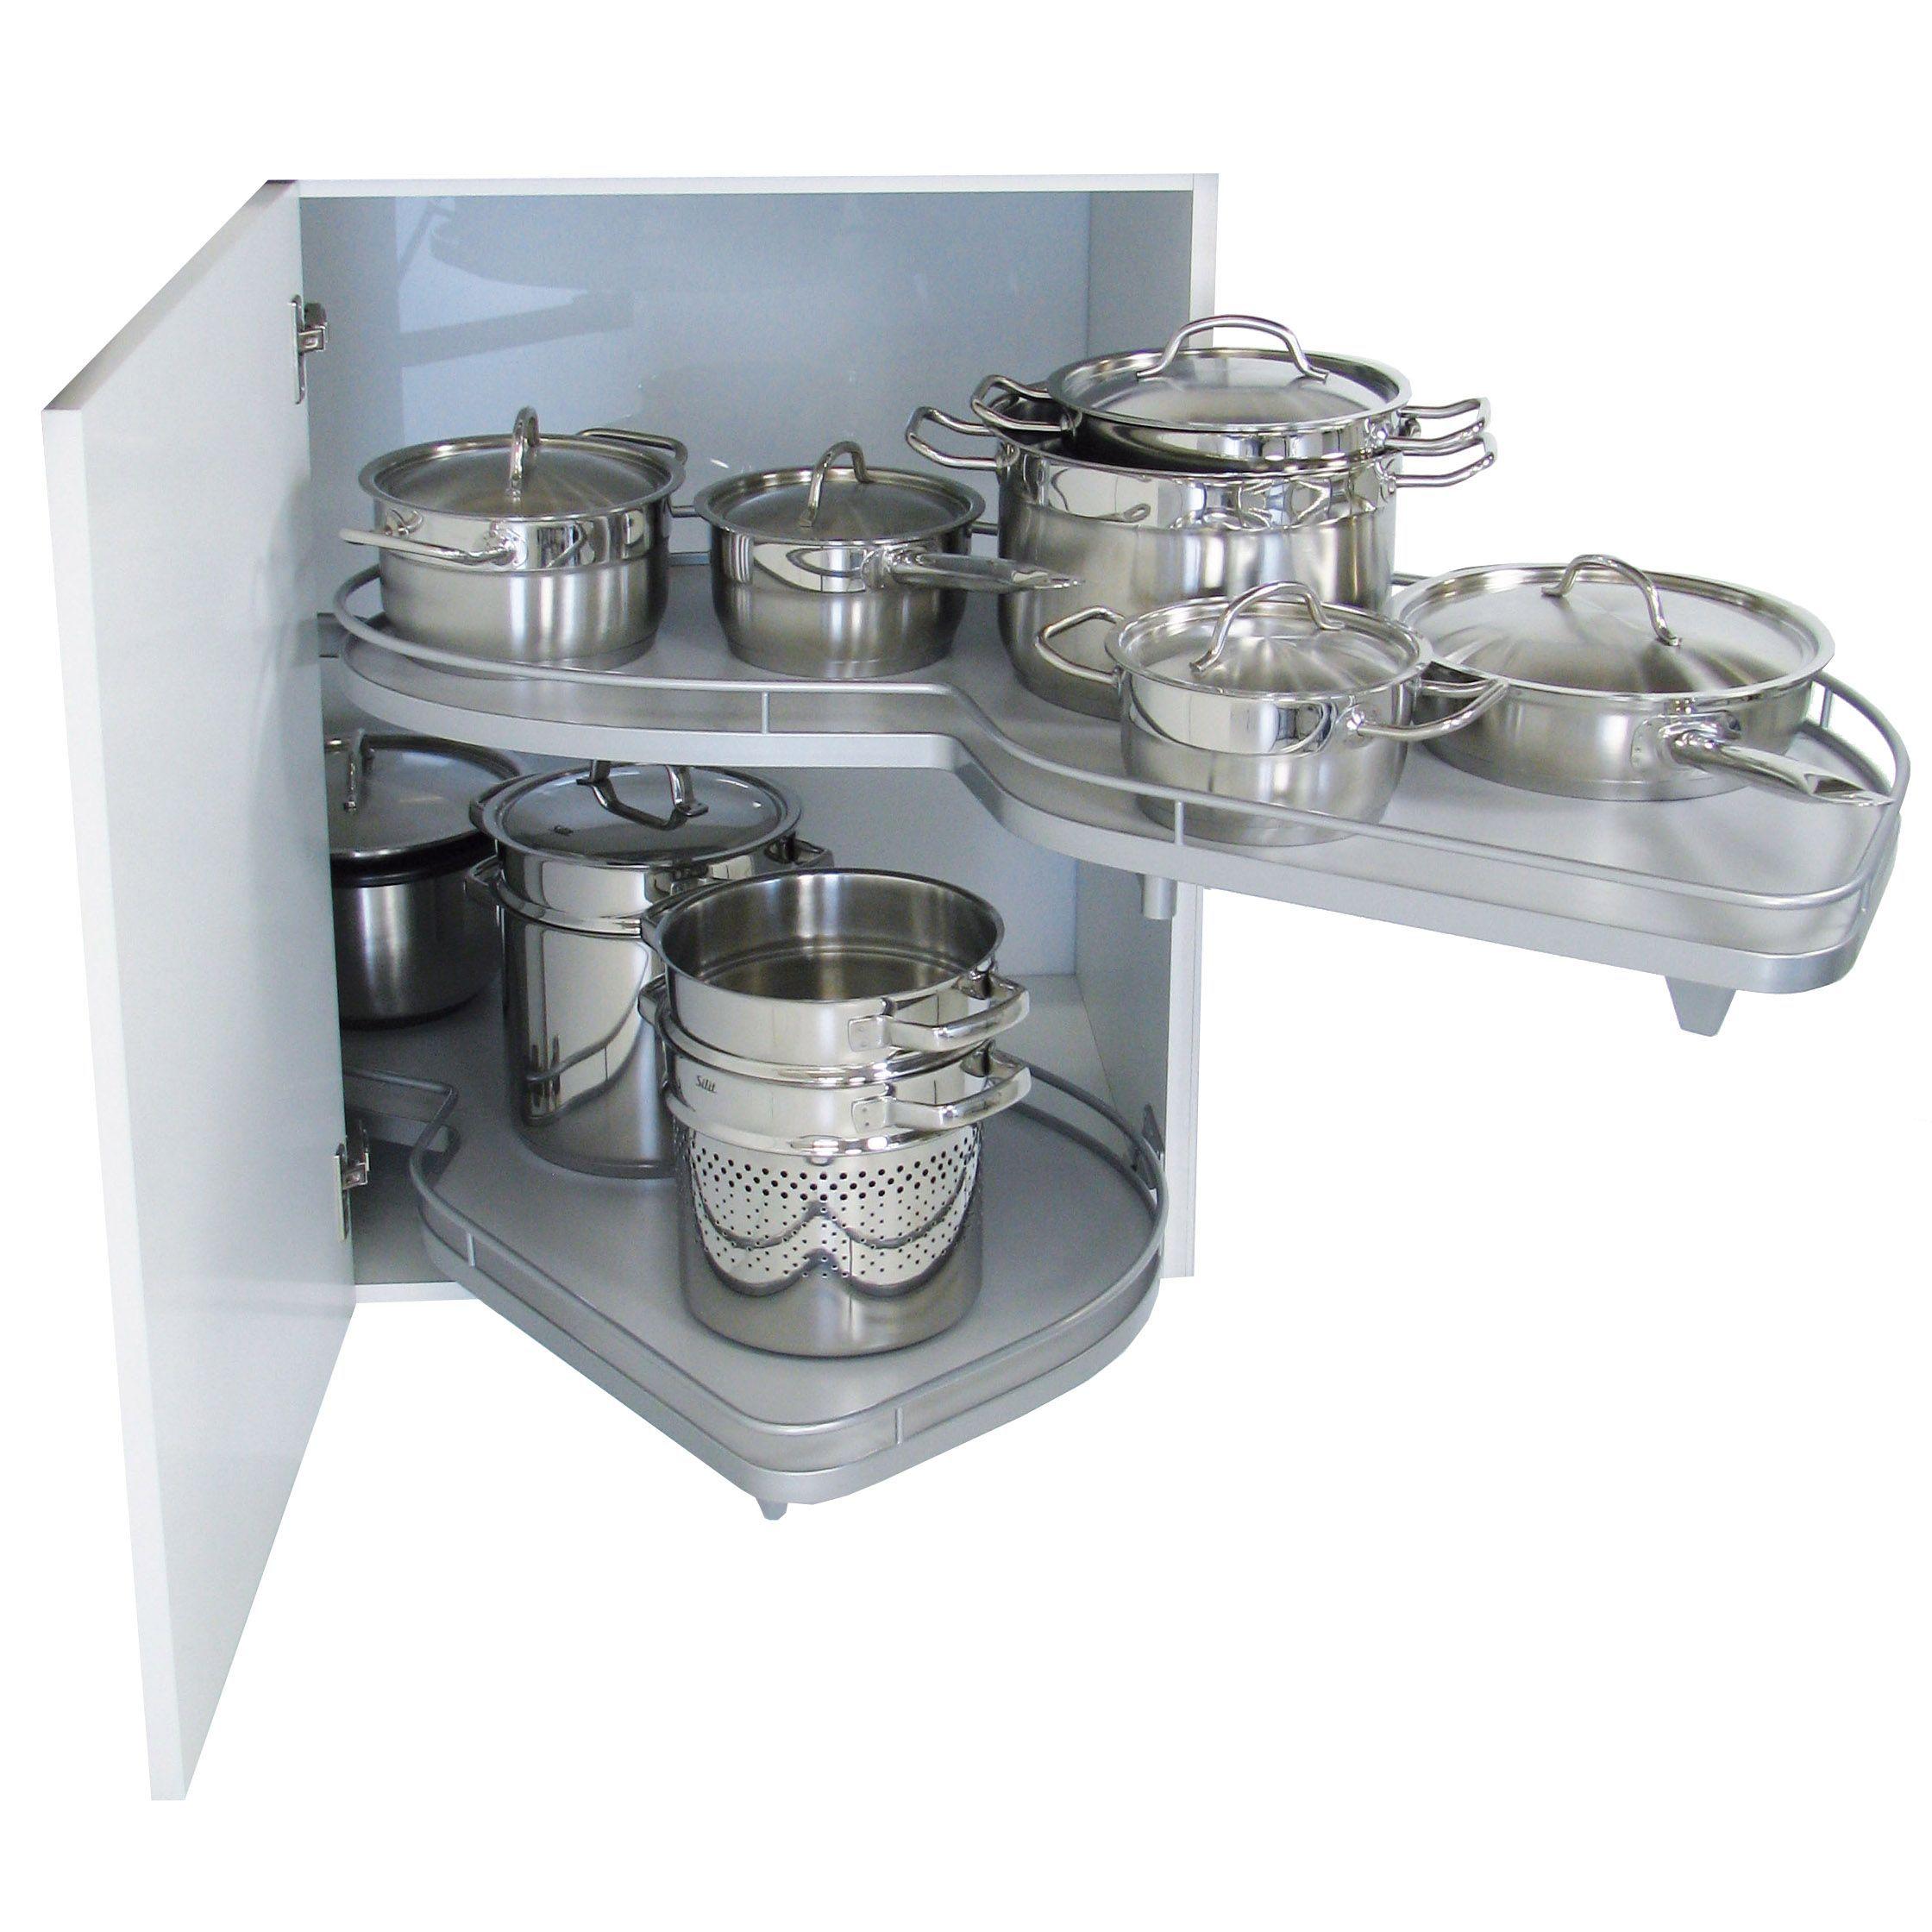 Kesseböhmer Rh Lemans Corner Cabinet Storage, 1000mm